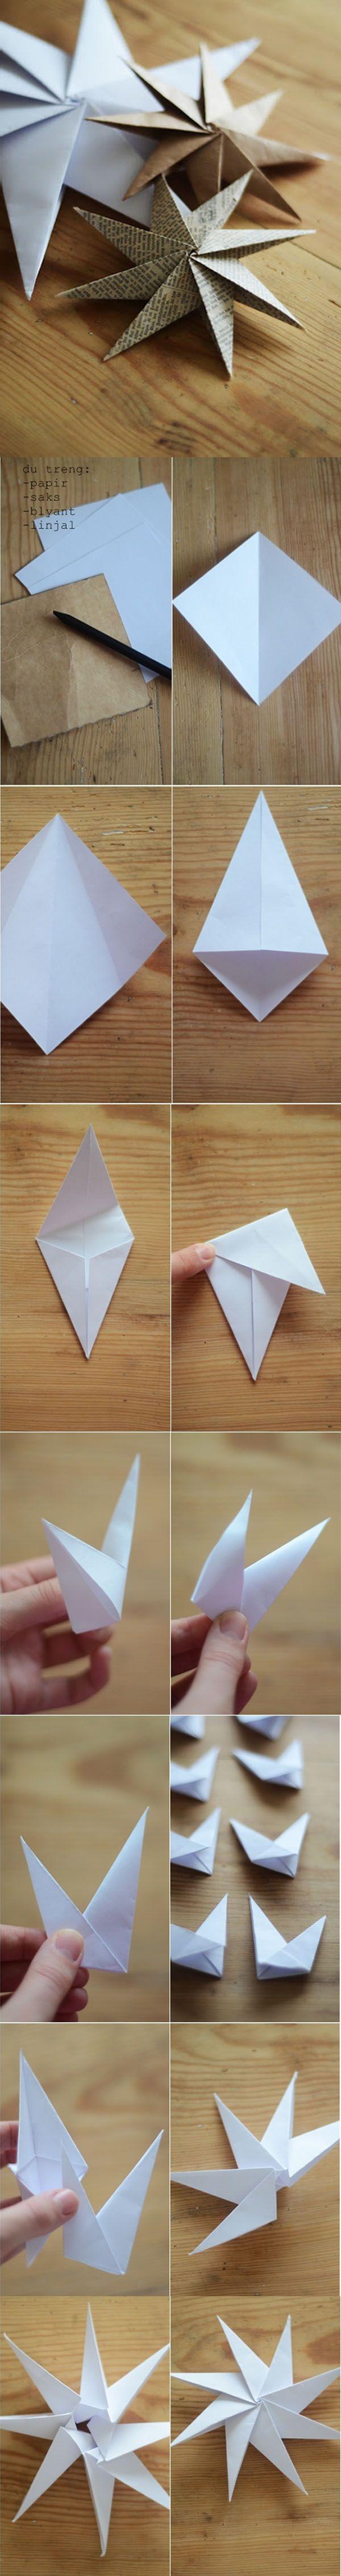 как сделать звездочку в технике оригами